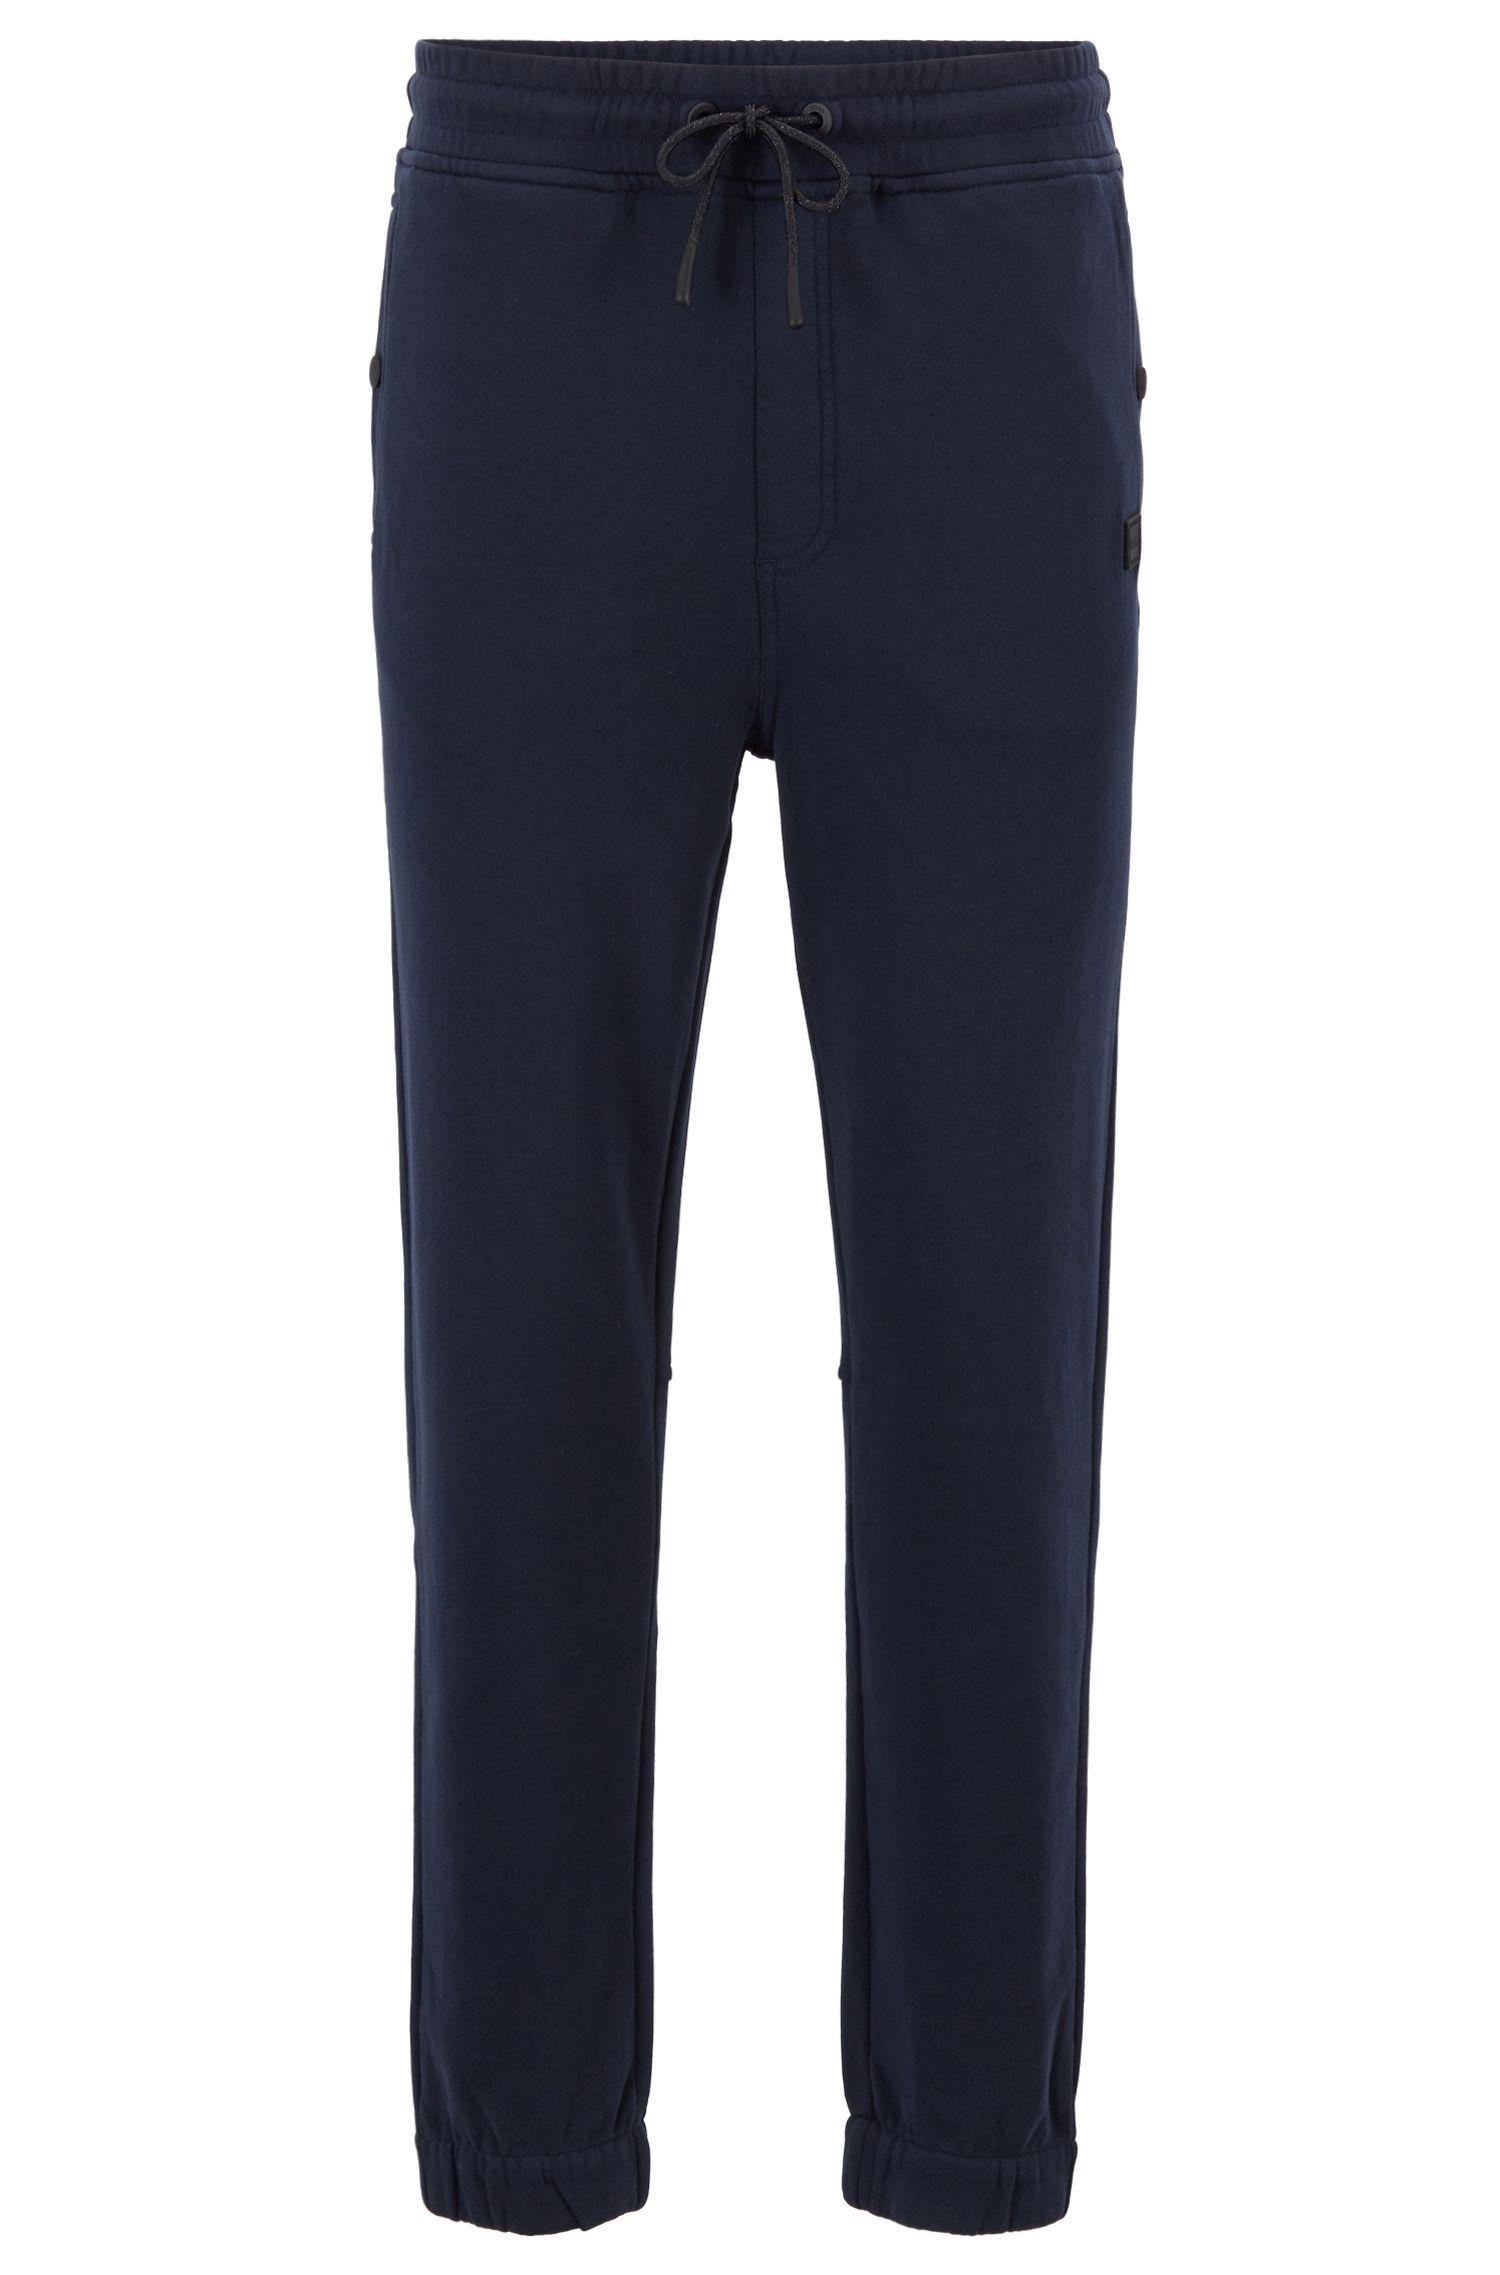 Pantalon Relaxed Fit en jersey resserré au bas des jambes, Bleu foncé